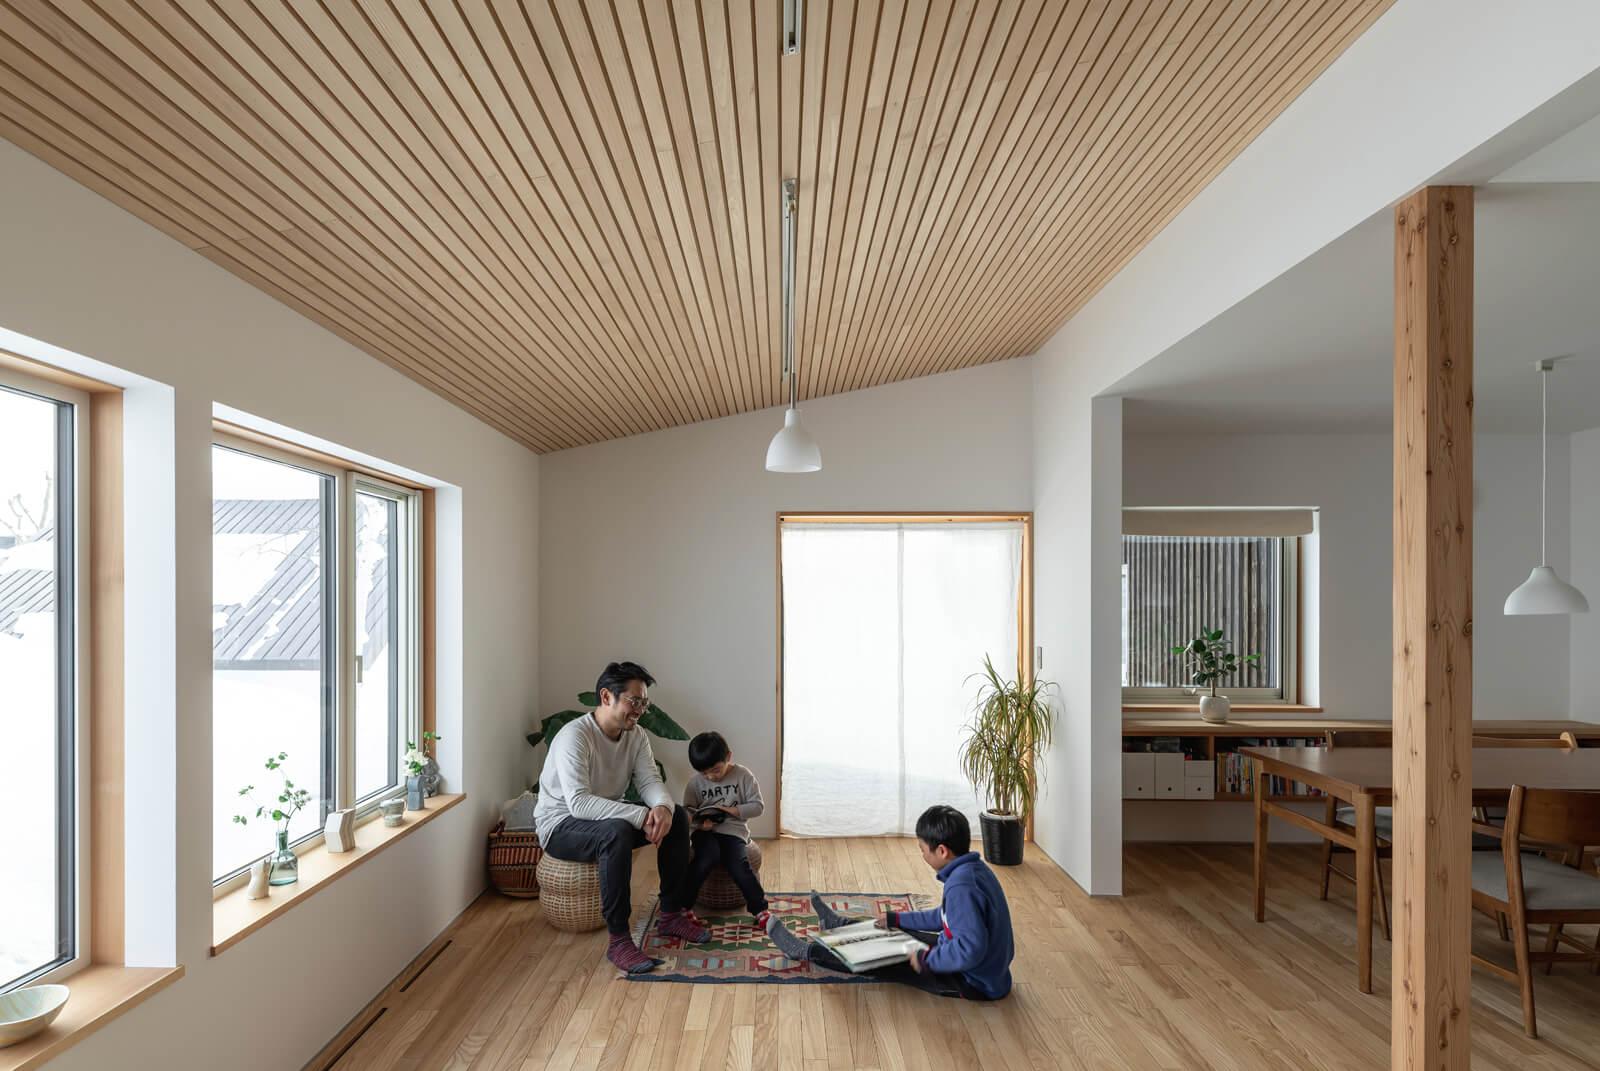 トドマツを張った屋根なり天井と大開口が面積以上の広がりを感じさせるリビング。リビングからダイニング、玄関ホールは間仕切りなしでそのままつながっている